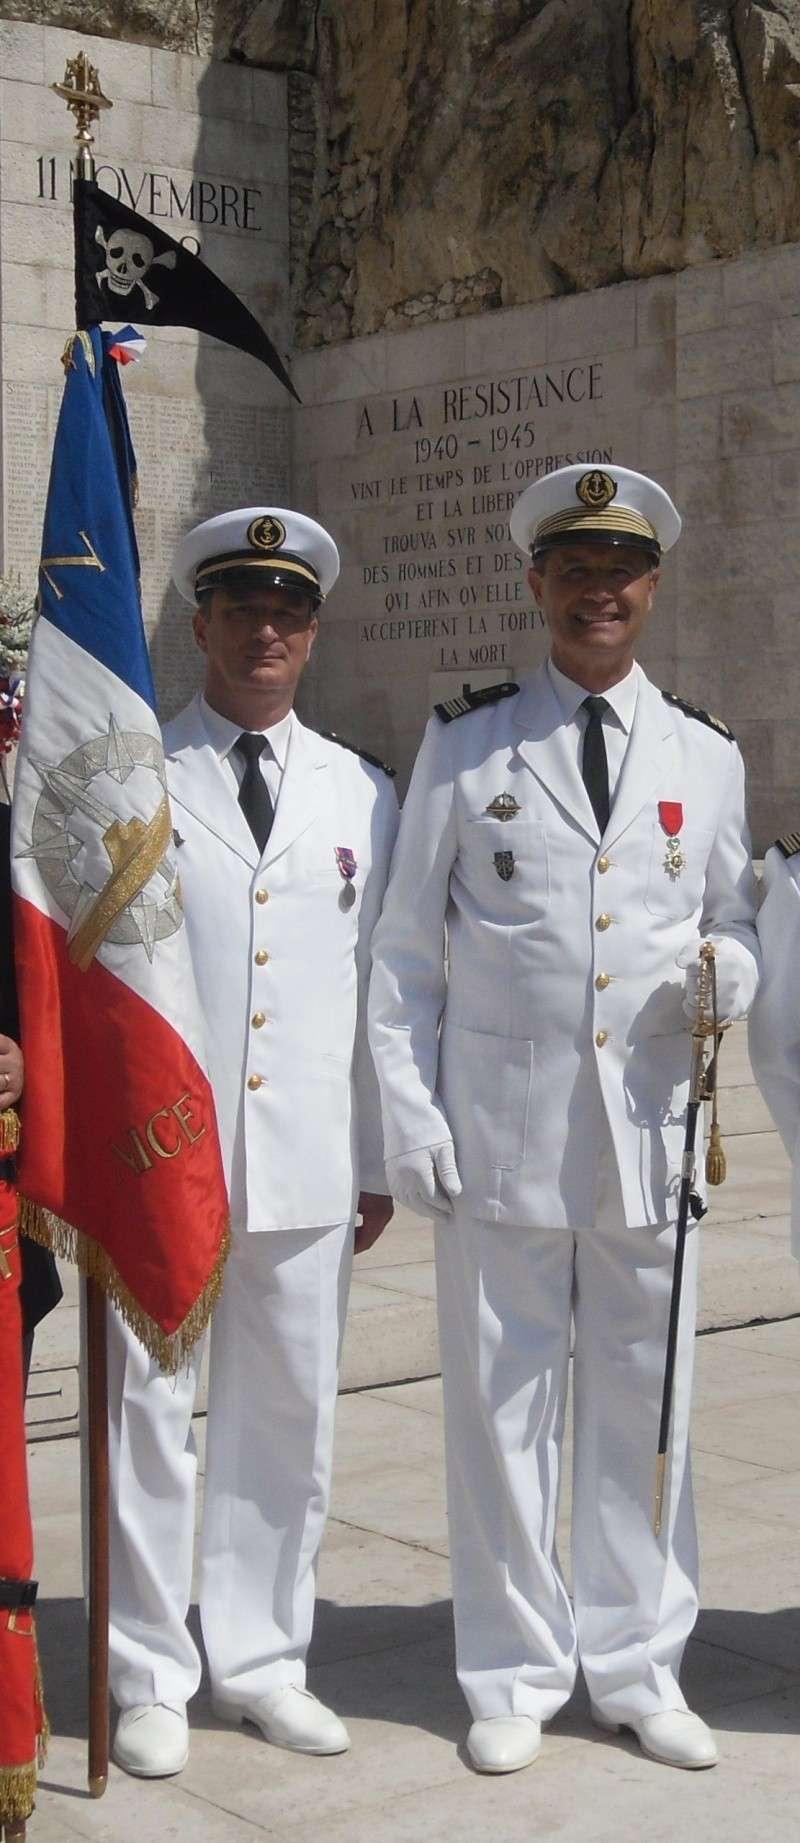 [ Associations anciens Marins ] A.G.A.S.M. Nice Côte d'Azur sect. SM Pégase Sam_1710